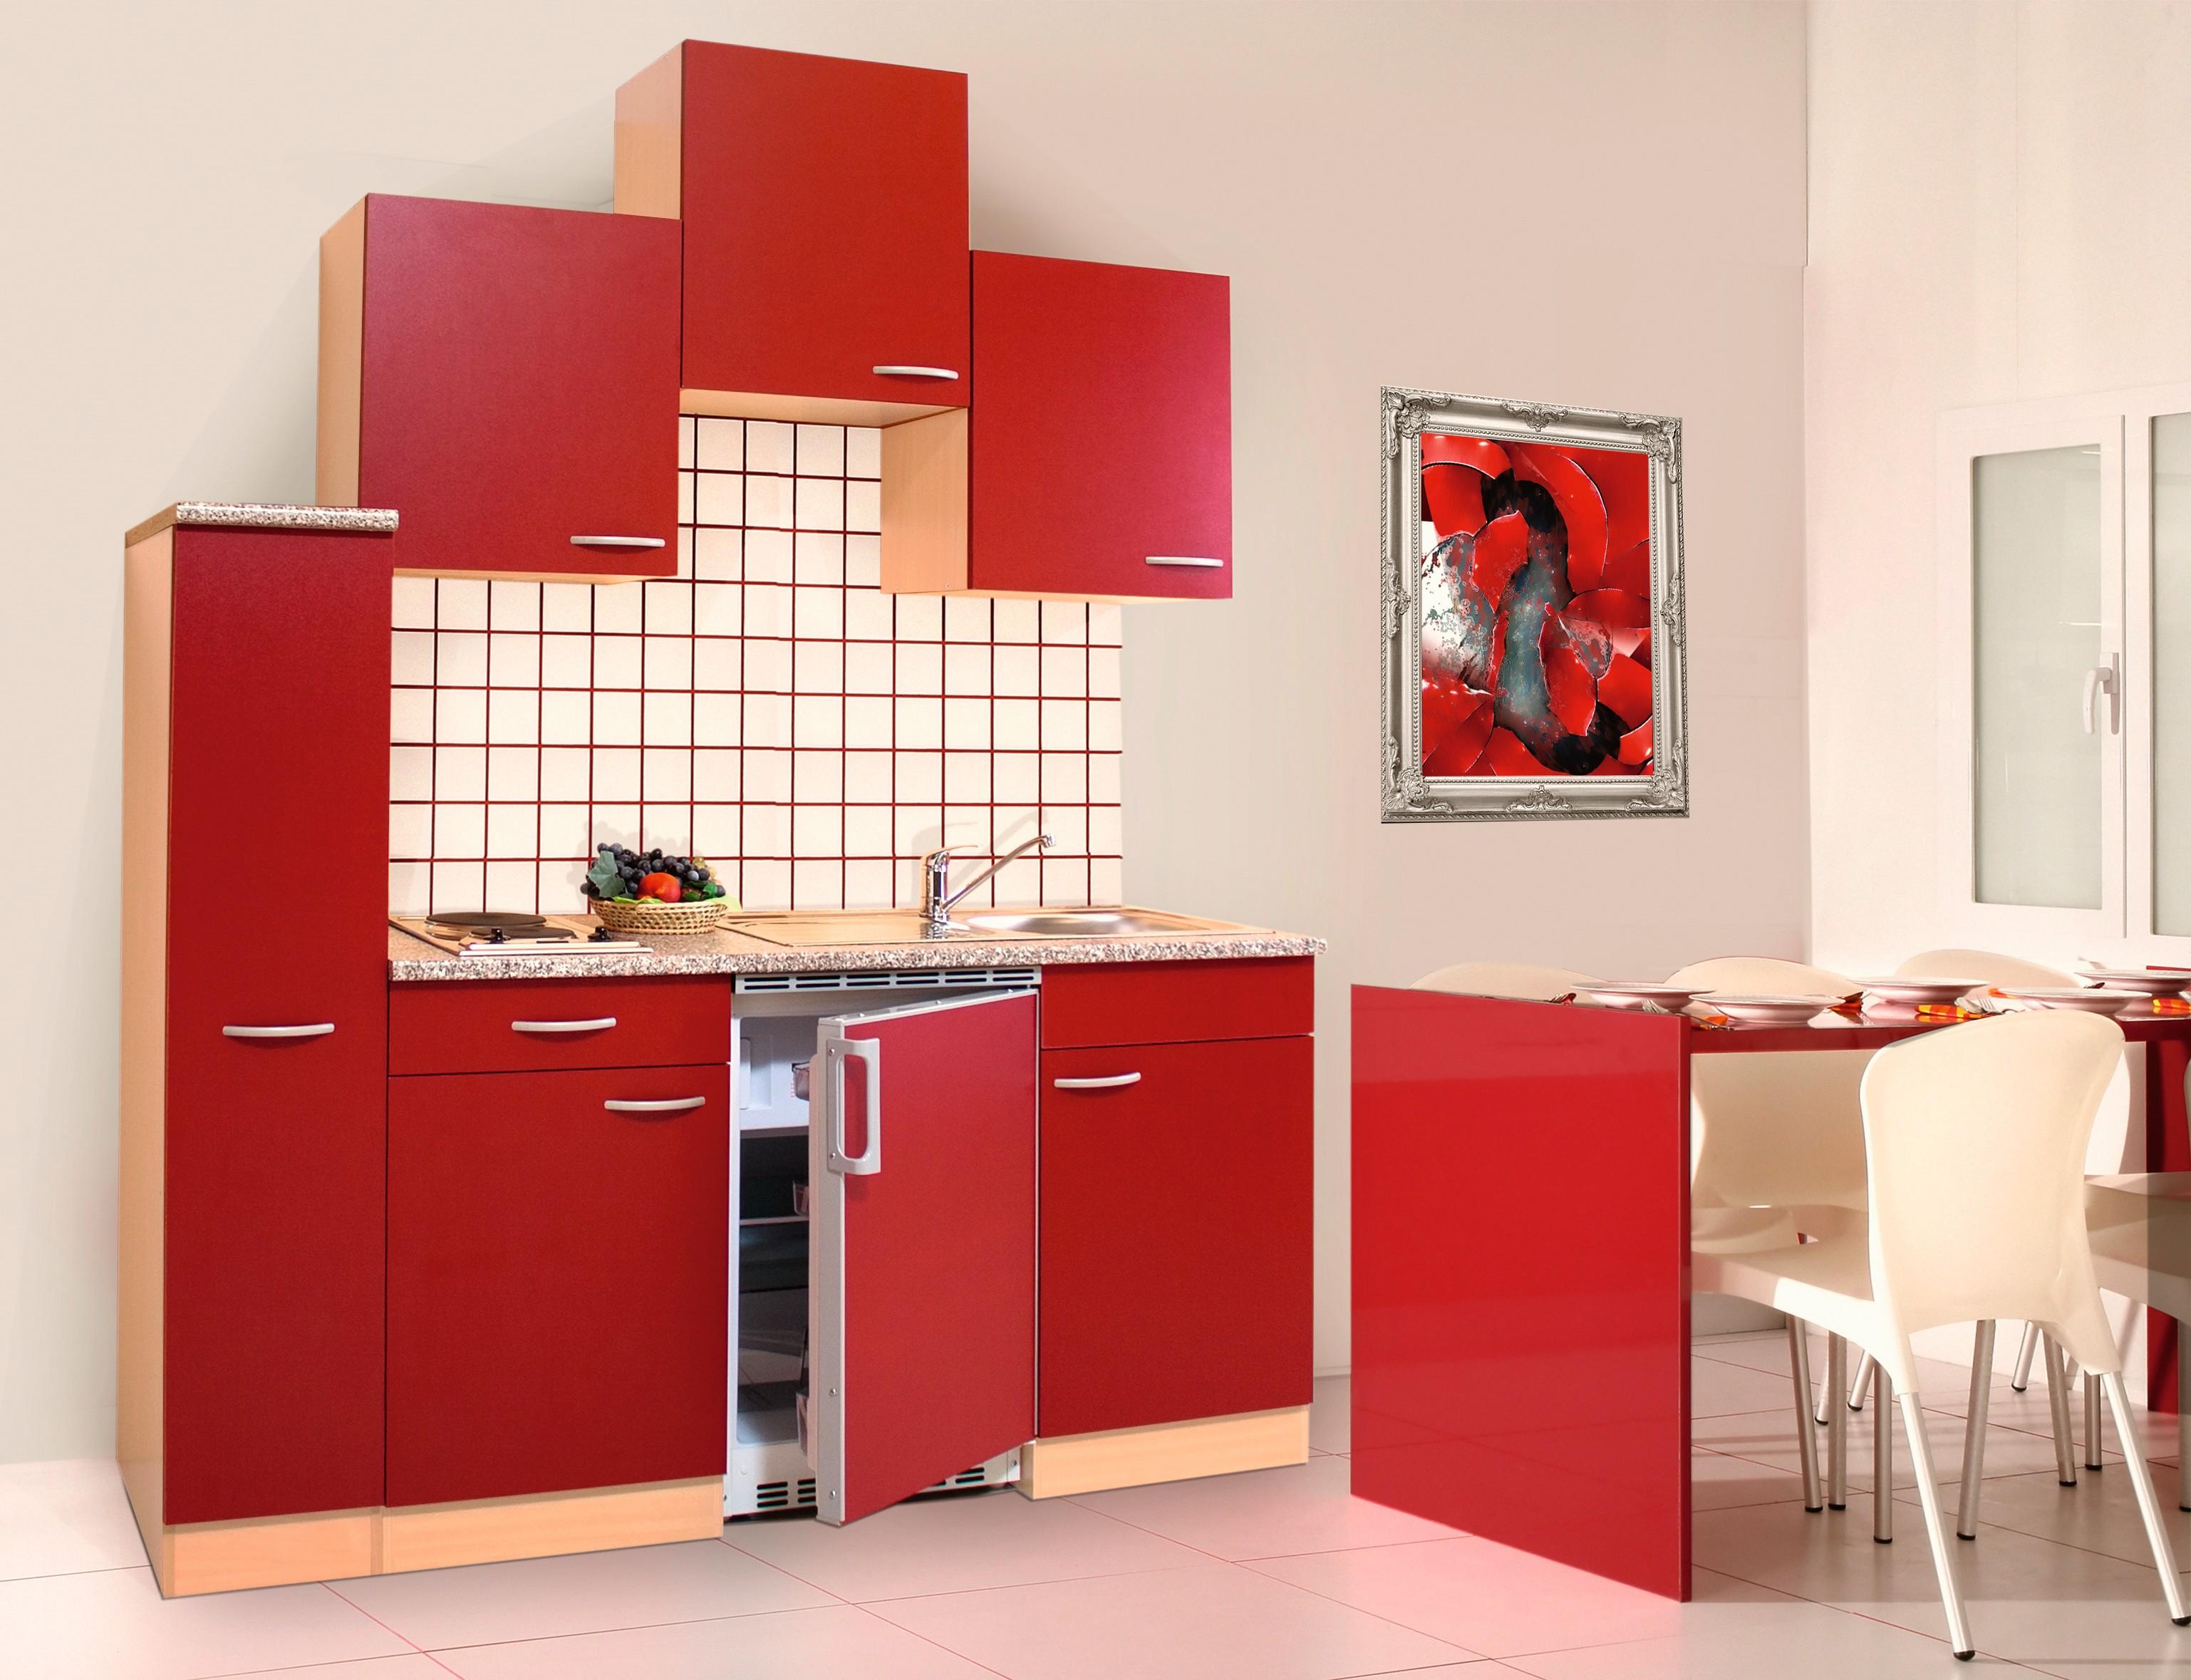 k che singlek che k chenzeile k chenblock minik che 180 cm buche rot respekta ebay. Black Bedroom Furniture Sets. Home Design Ideas